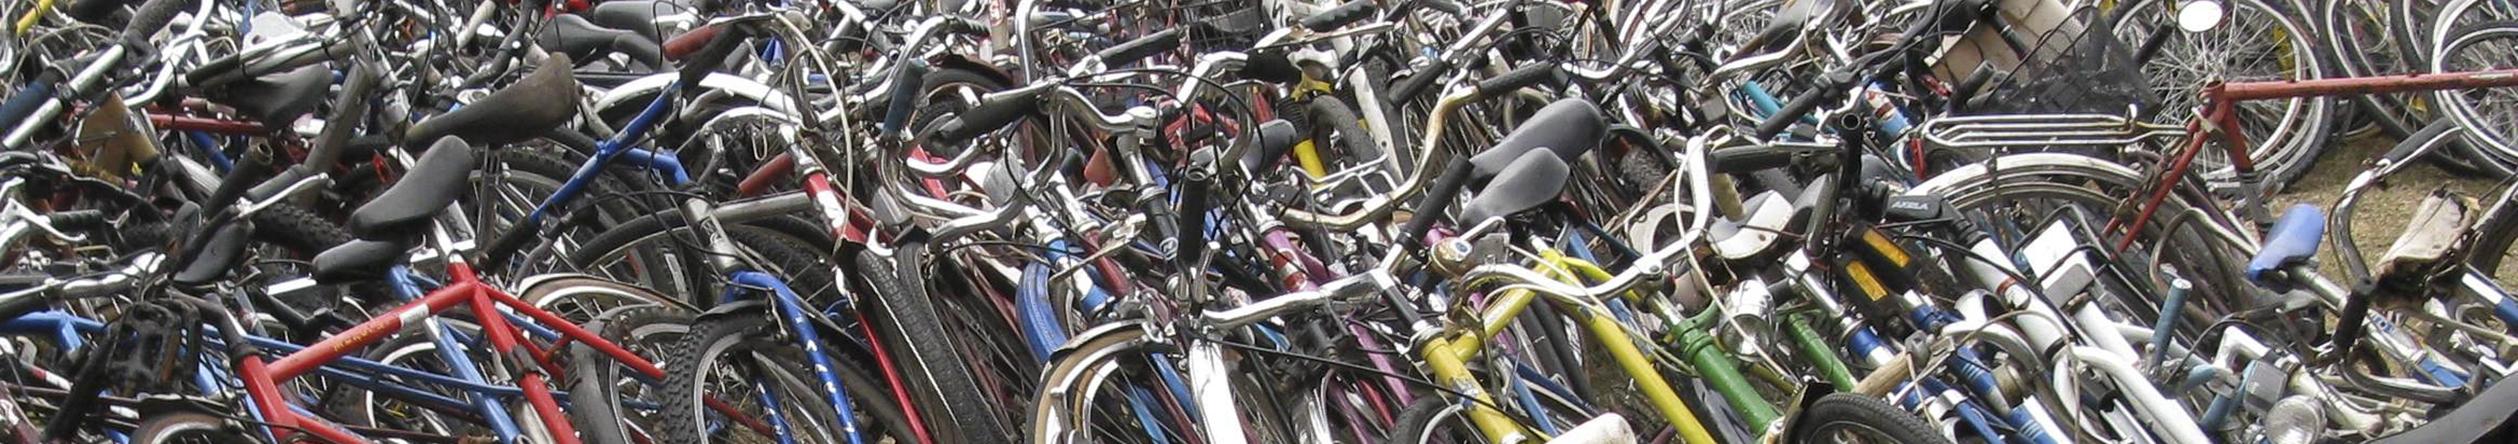 Stolen bikes slider